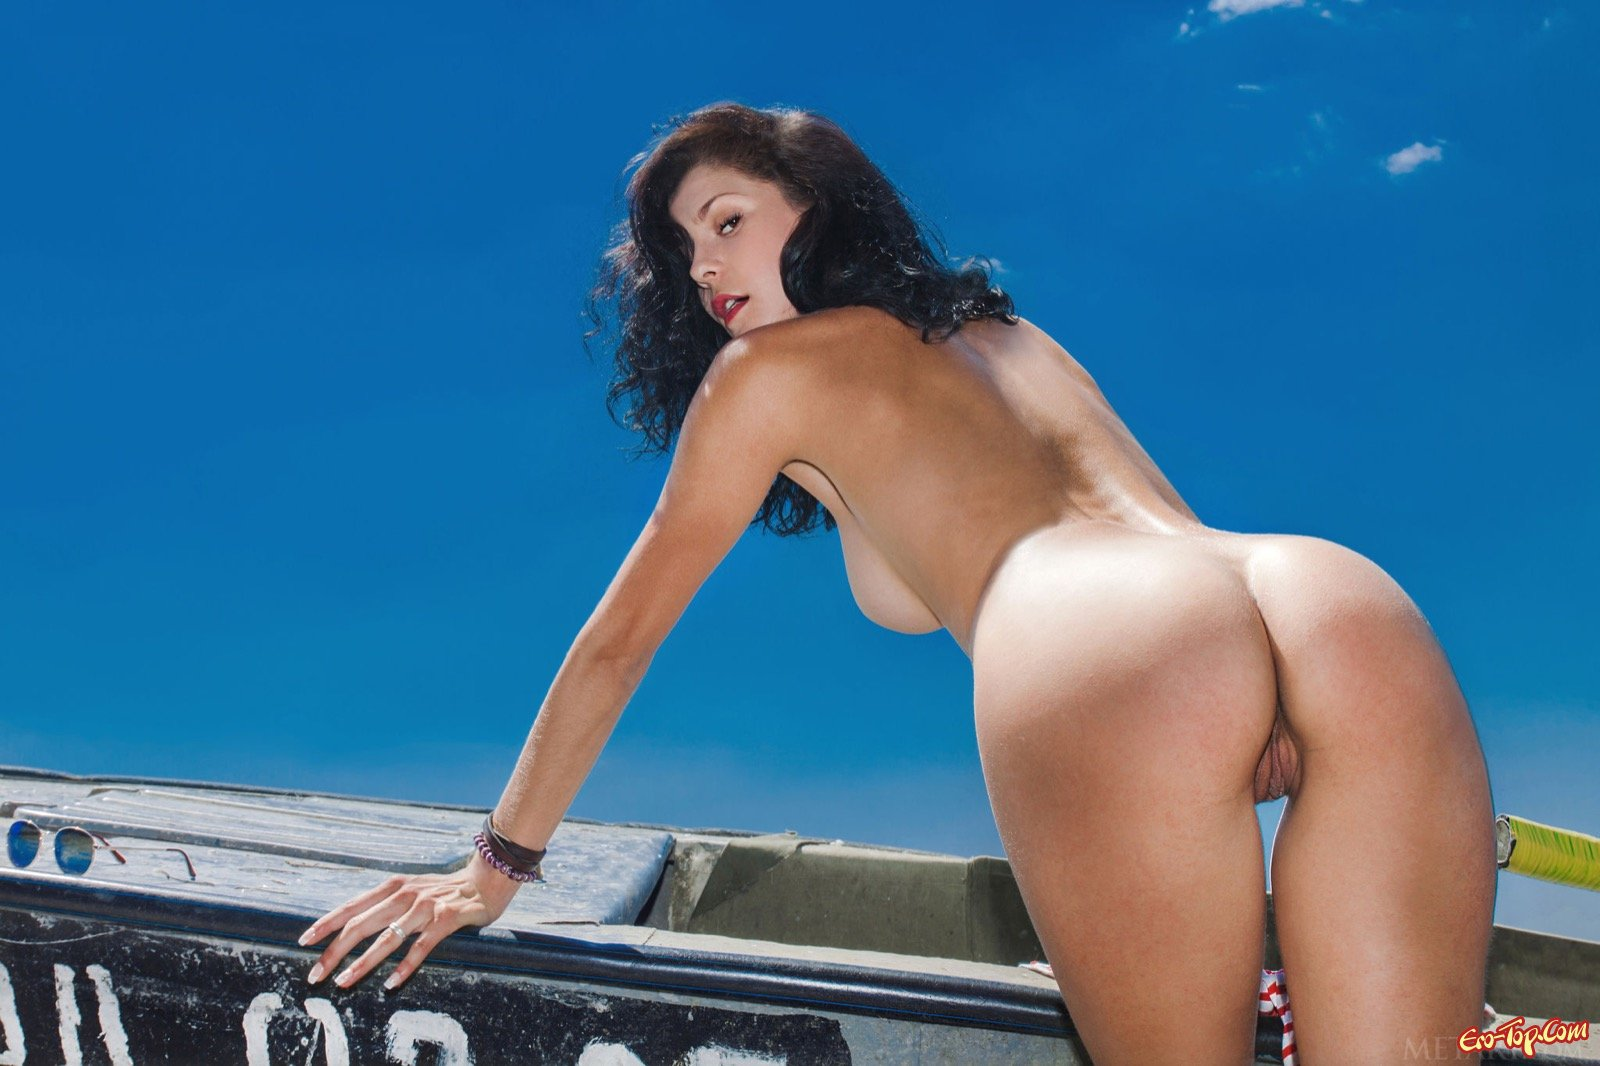 Сучка скинула трусы и делает селфи рядом с лодкой секс фото